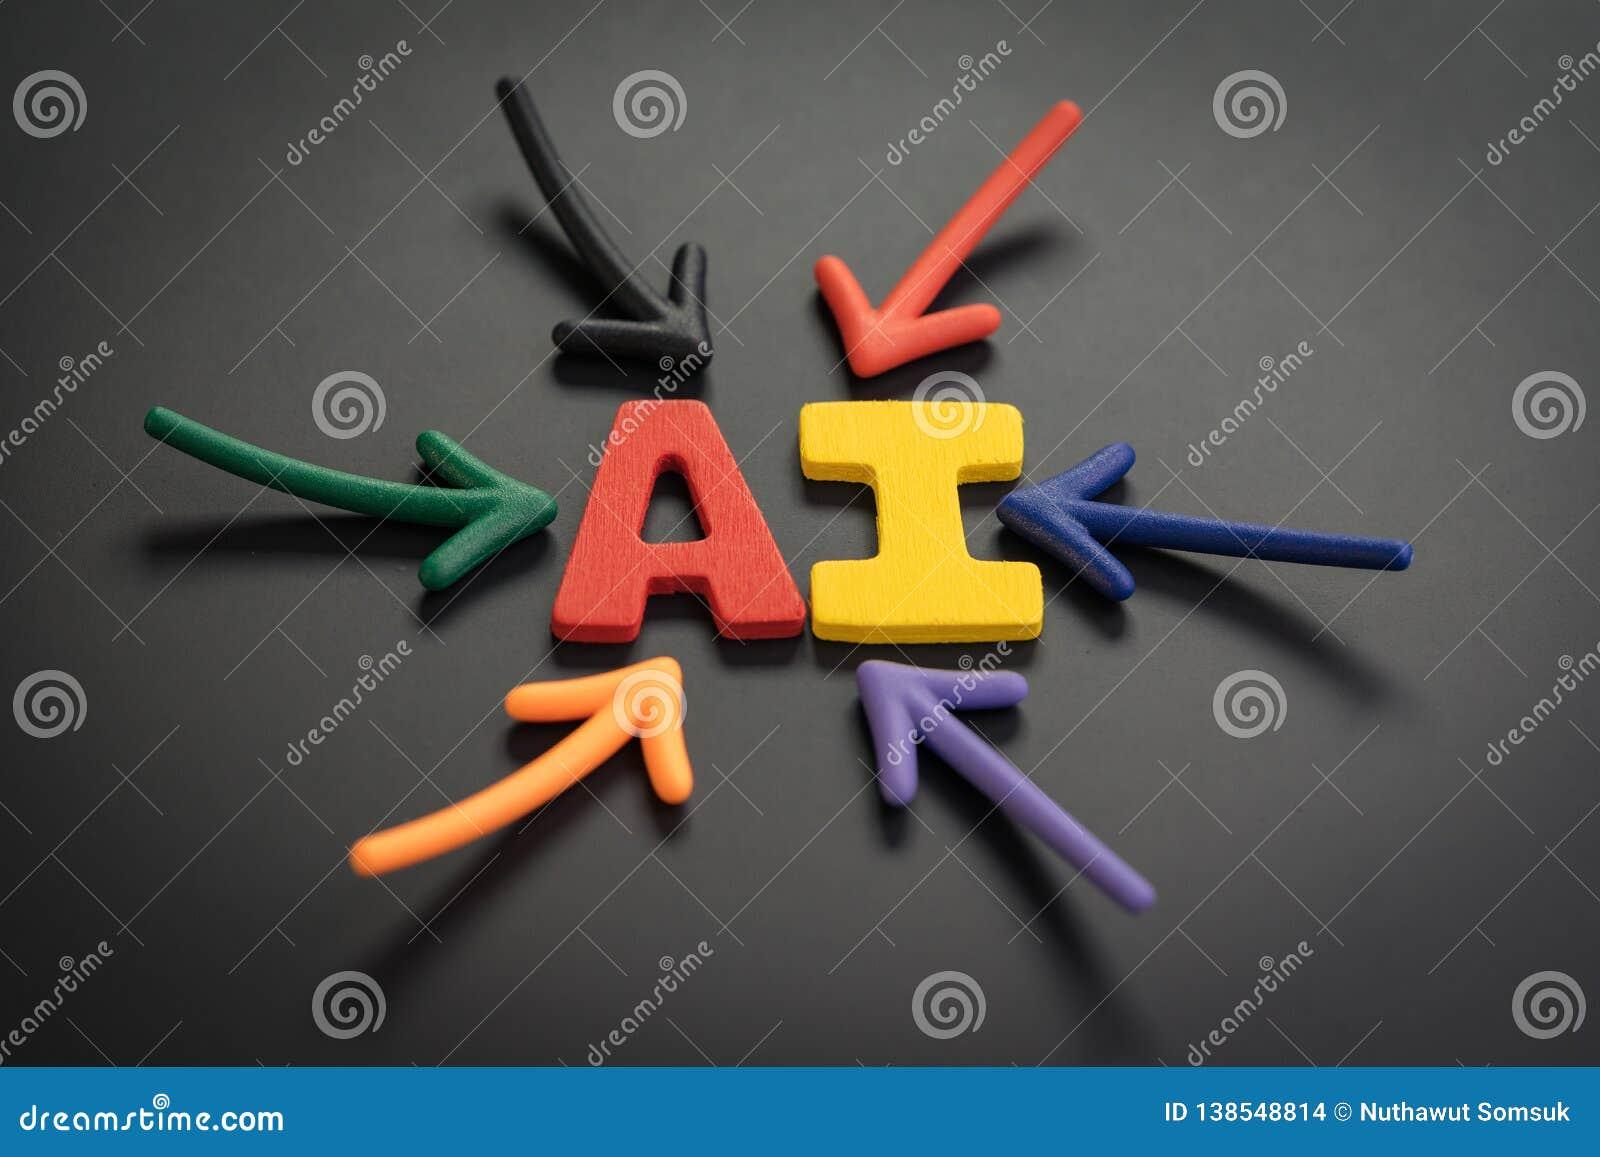 AI het Kunstmatige intelligentieconcept, kleurrijke pijlen die aan het alfabet richten combineert acroniem AI op het heldere cent